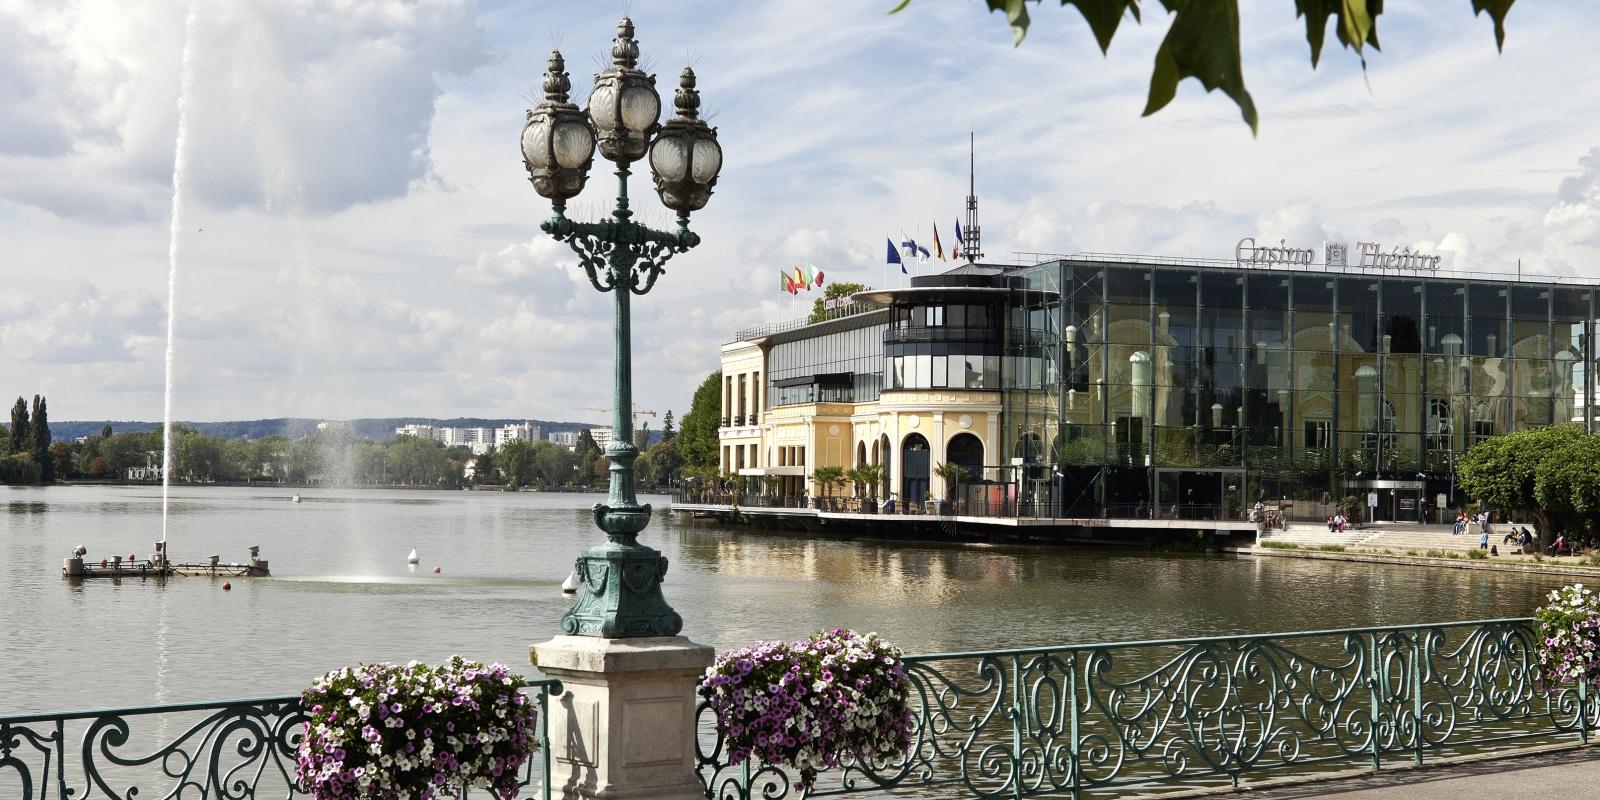 Photo des bords du lac d'Enghien avec son Casino en toile de fond